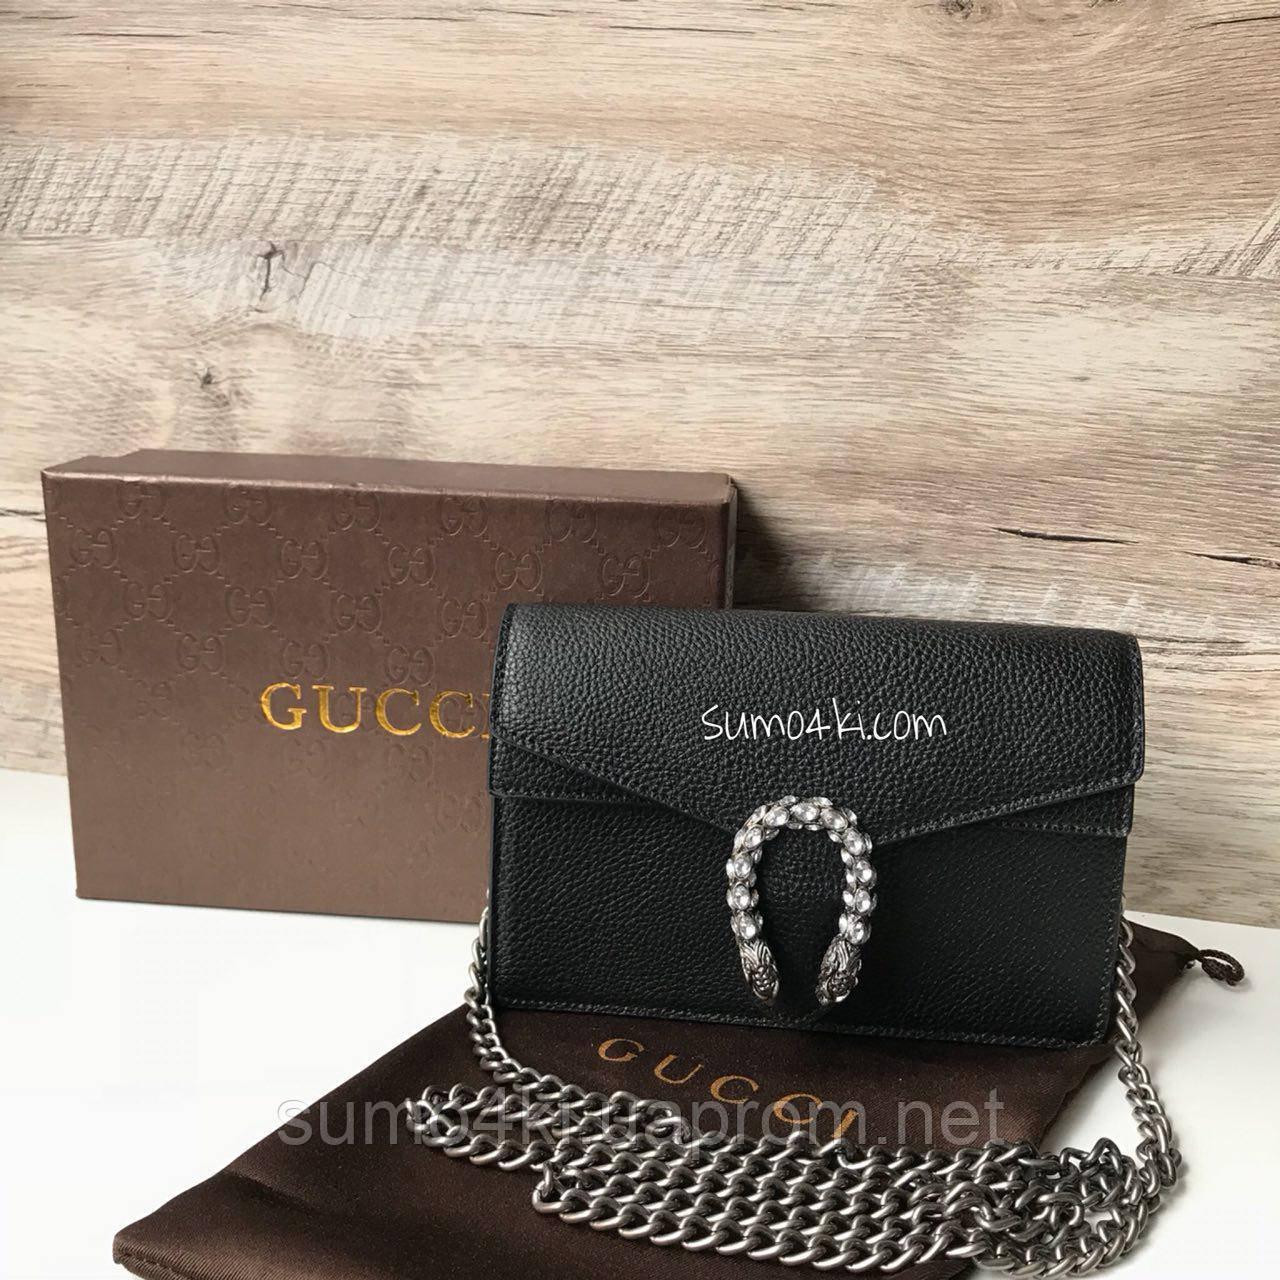 Женская кожаная сумка клатч Gucci Гуччи - Интернет-магазин «Галерея Сумок»  в Одессе f1c42033fe8